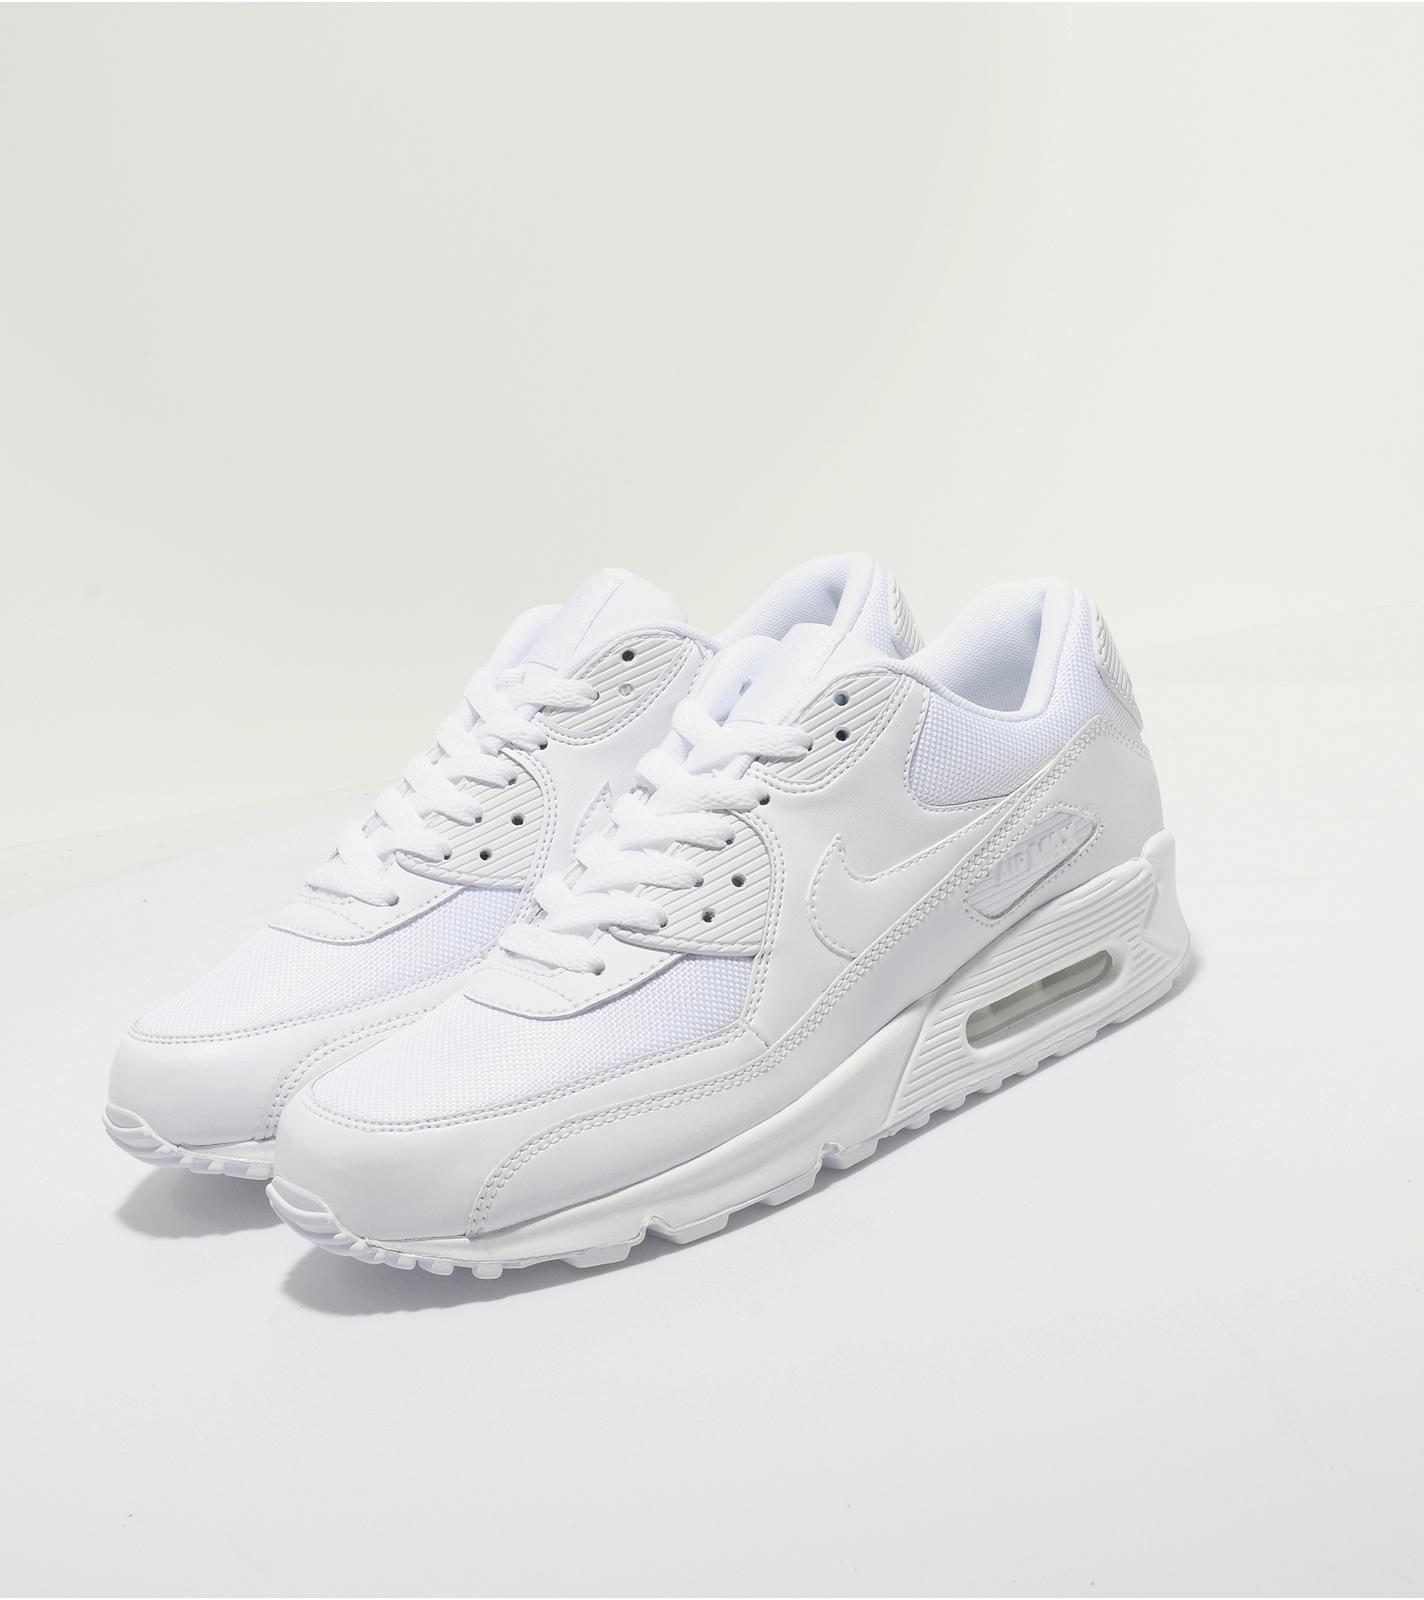 Nike Air Max 90 | Size?